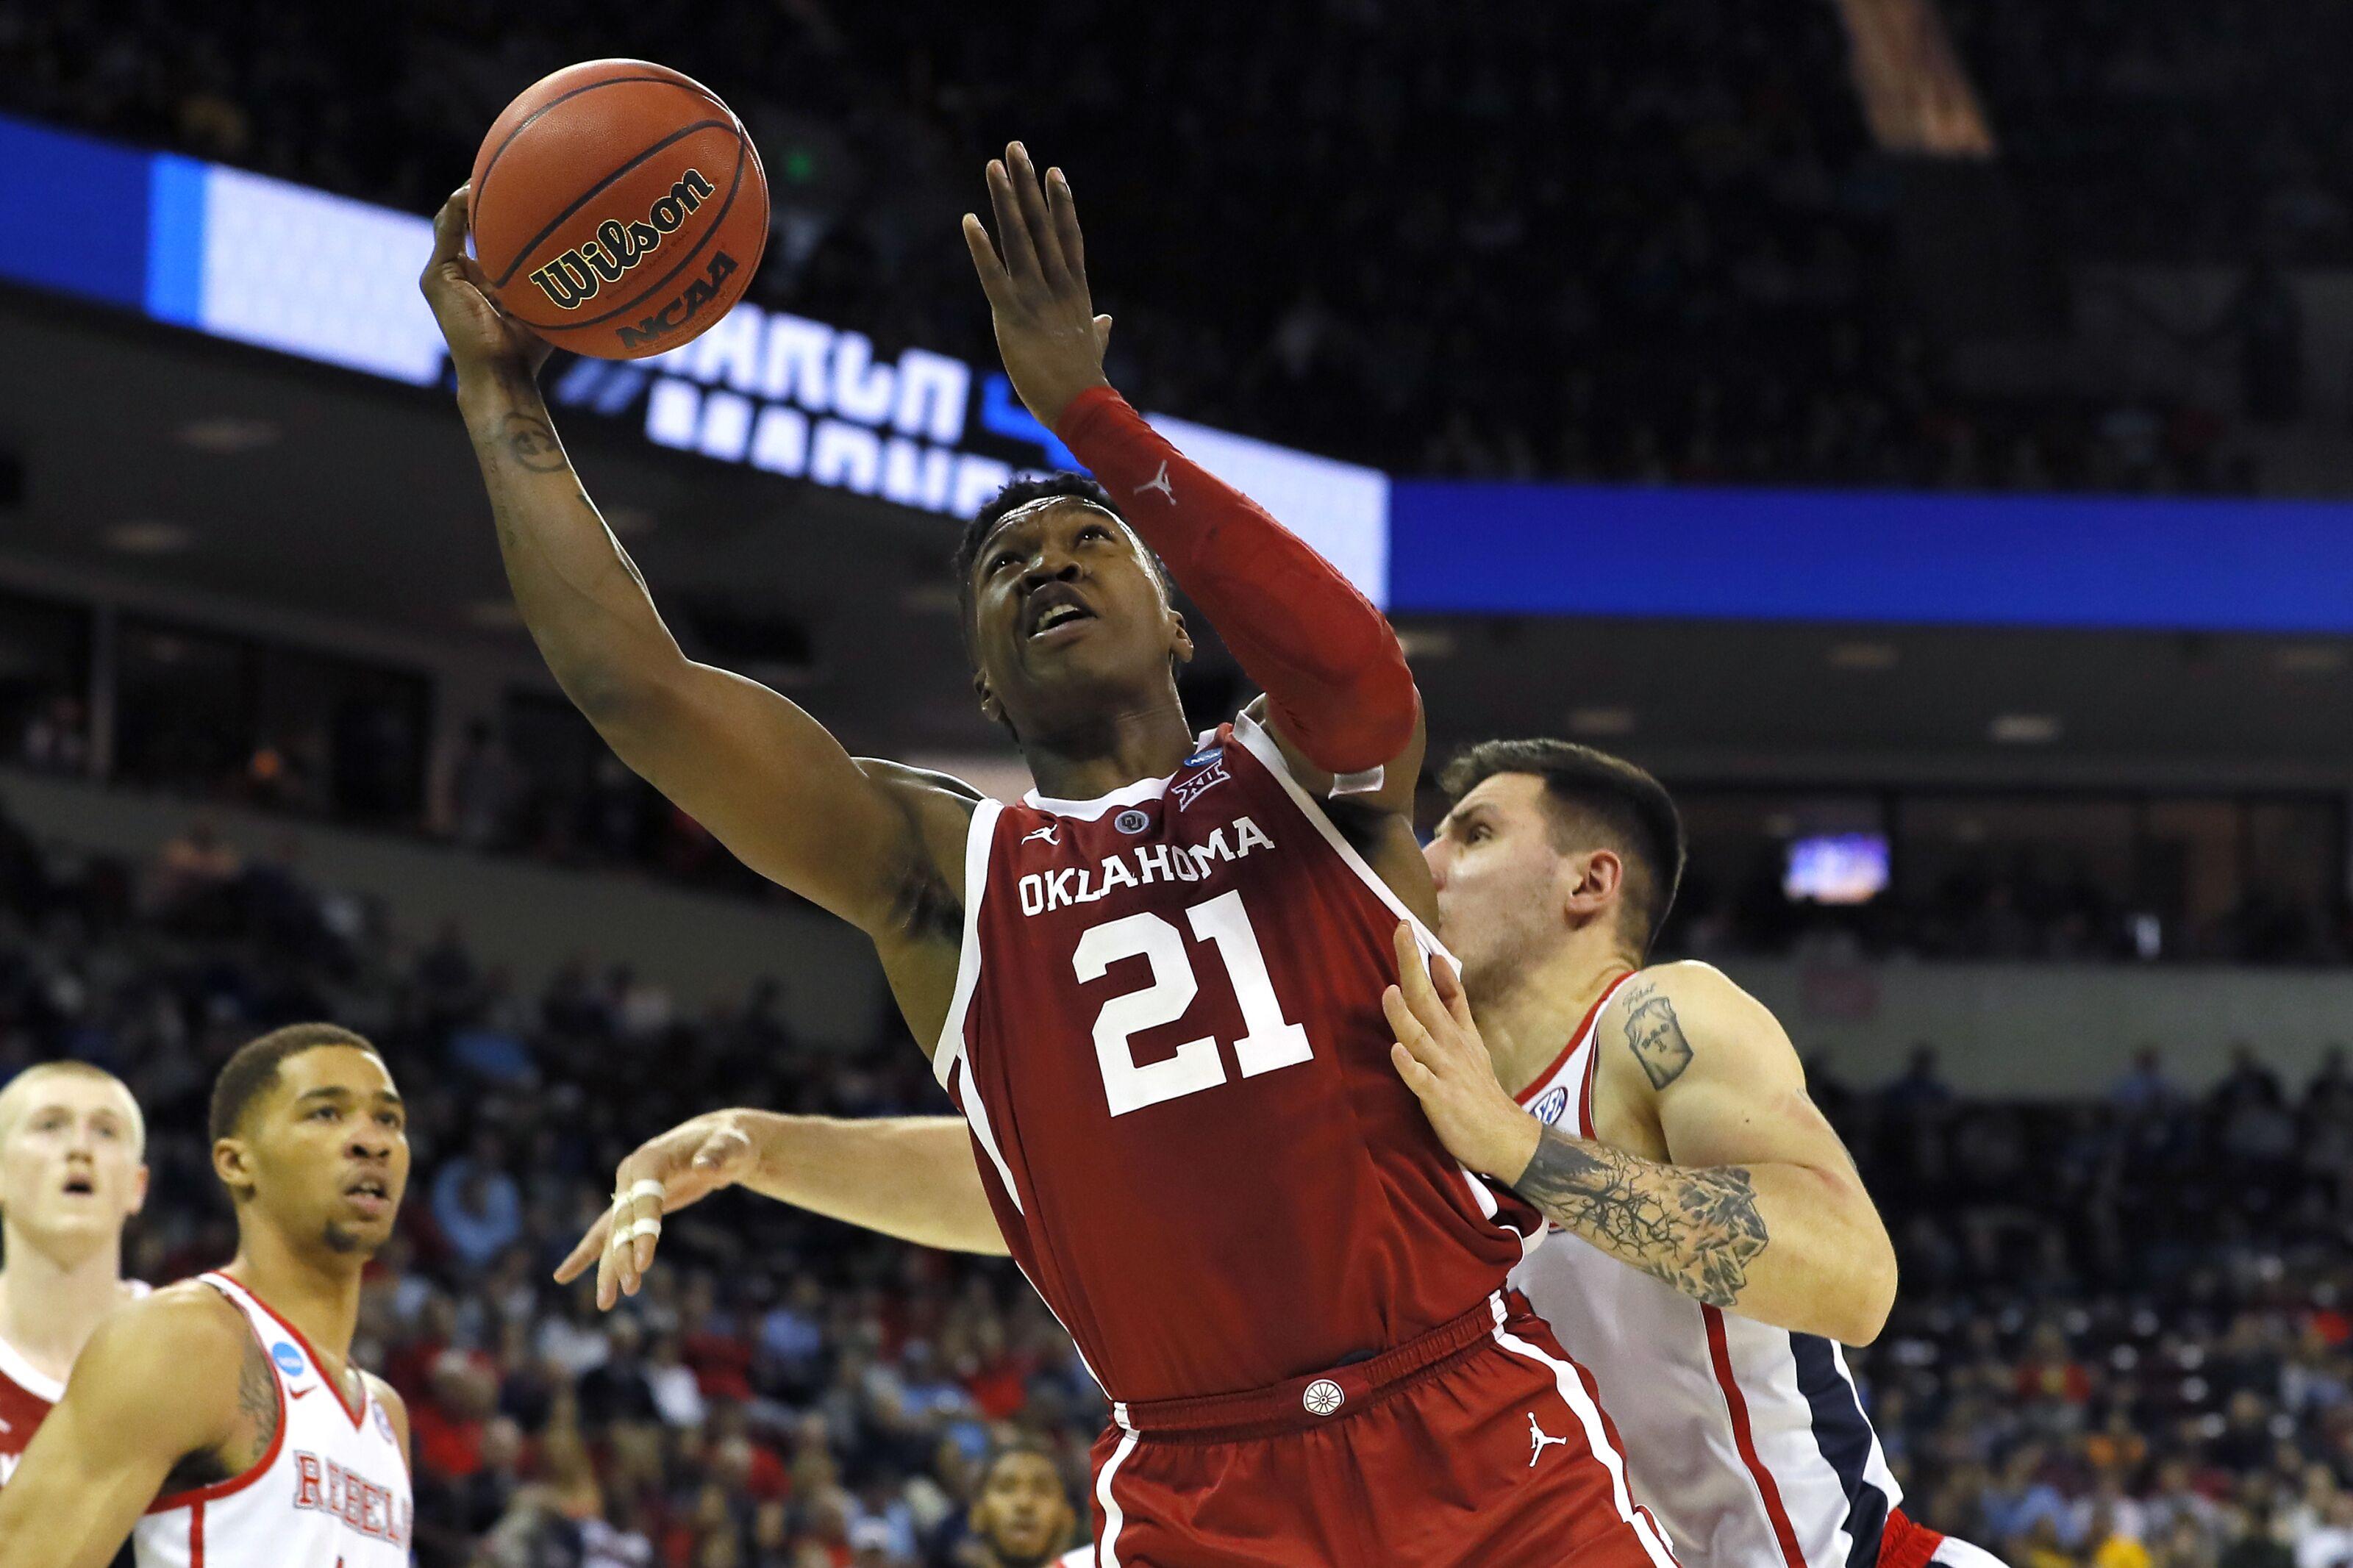 Oklahoma basketball: Sooner offense crisp, confident in 3rd straight win